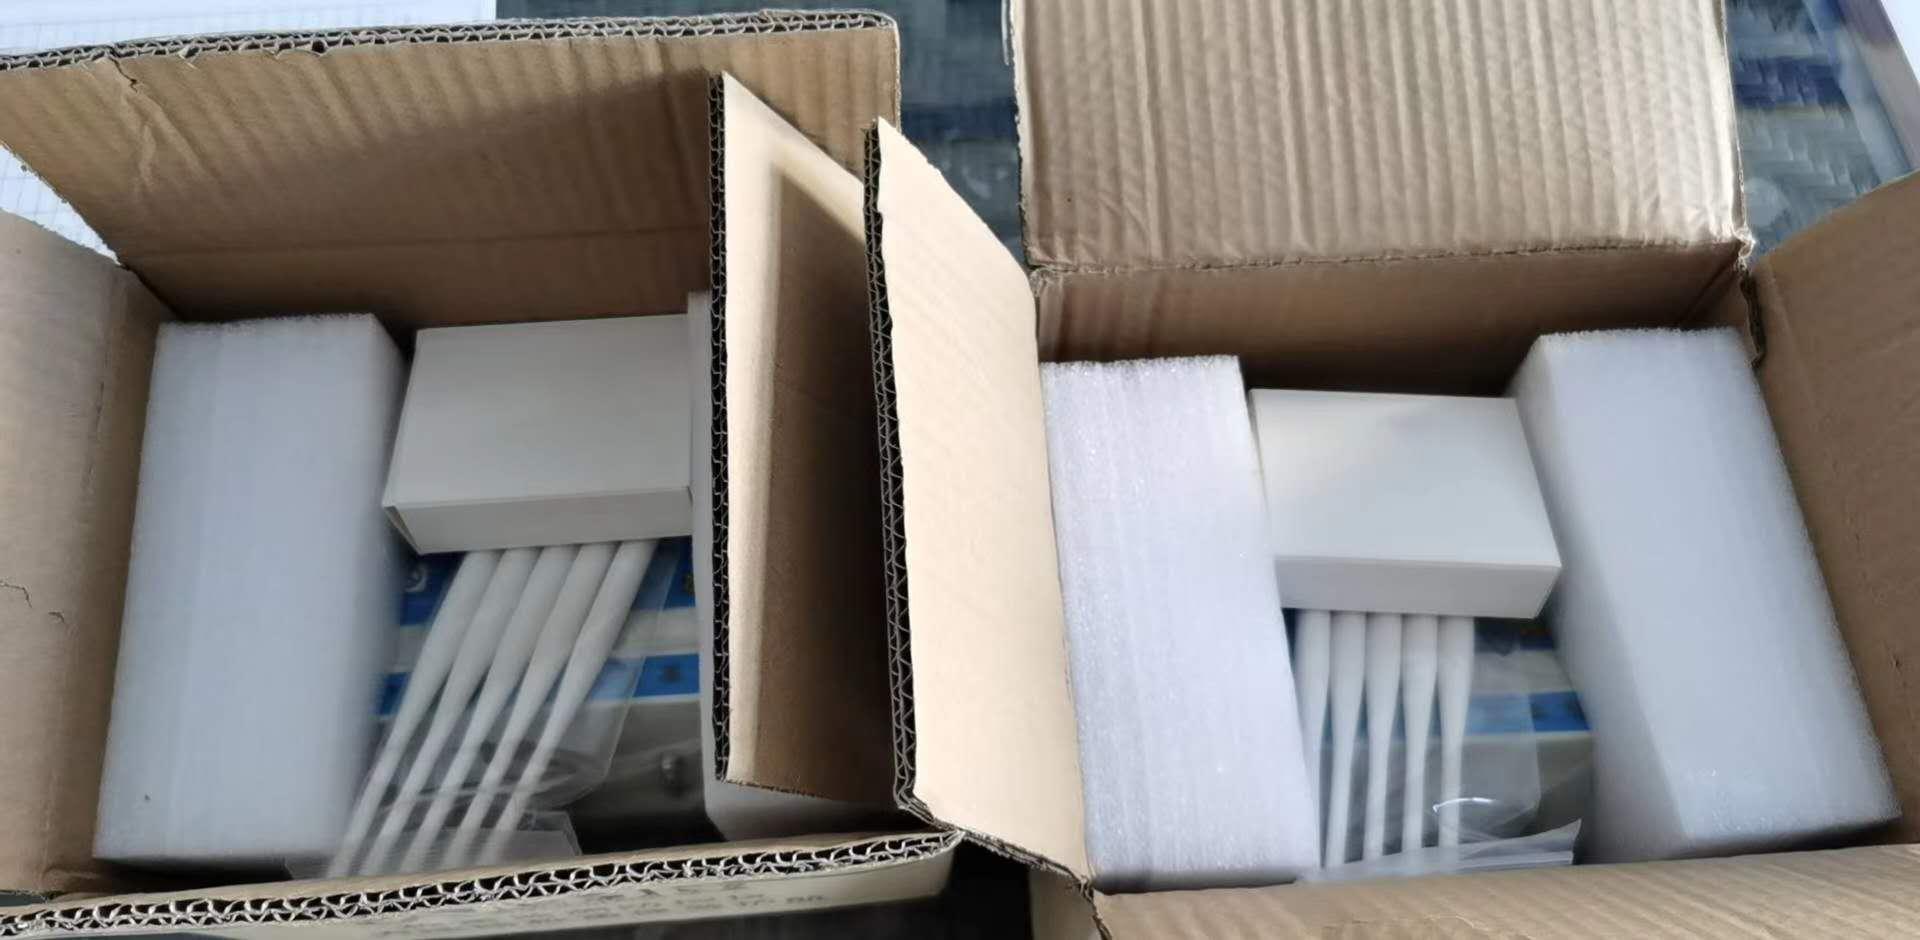 新疆坤宁衡器设备有限公司于10月5号在甘肃的瓜州|柳园两台地磅称重防遥控屏蔽仪,安装调试中